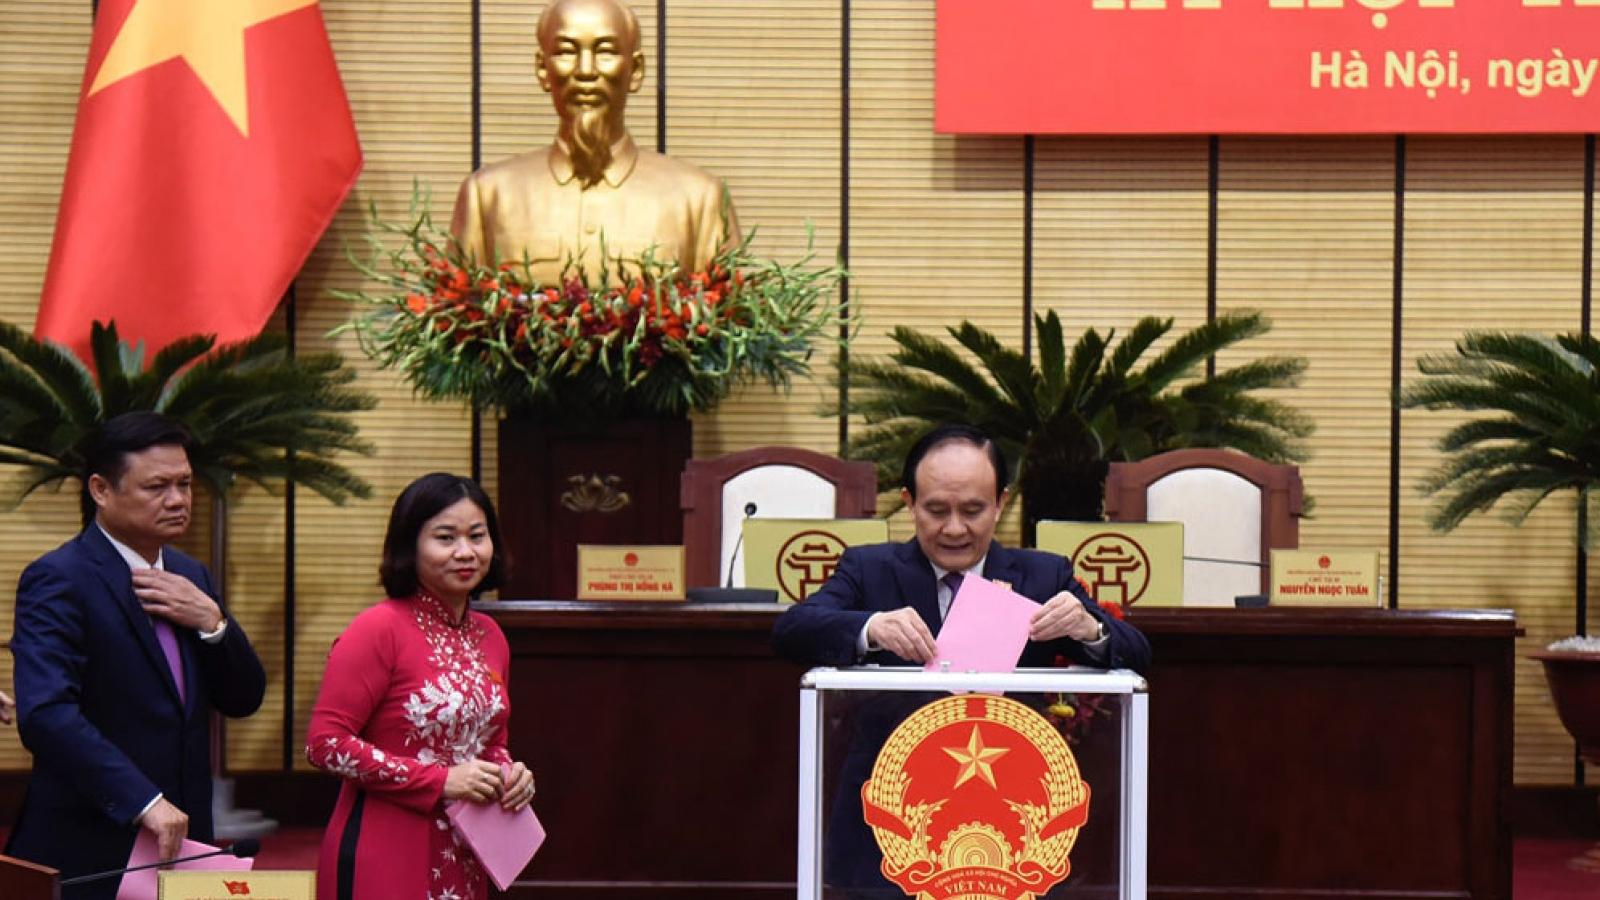 Hà Nội bầu bổ sung 7 Ủy viên UBND thành phố khóa XV